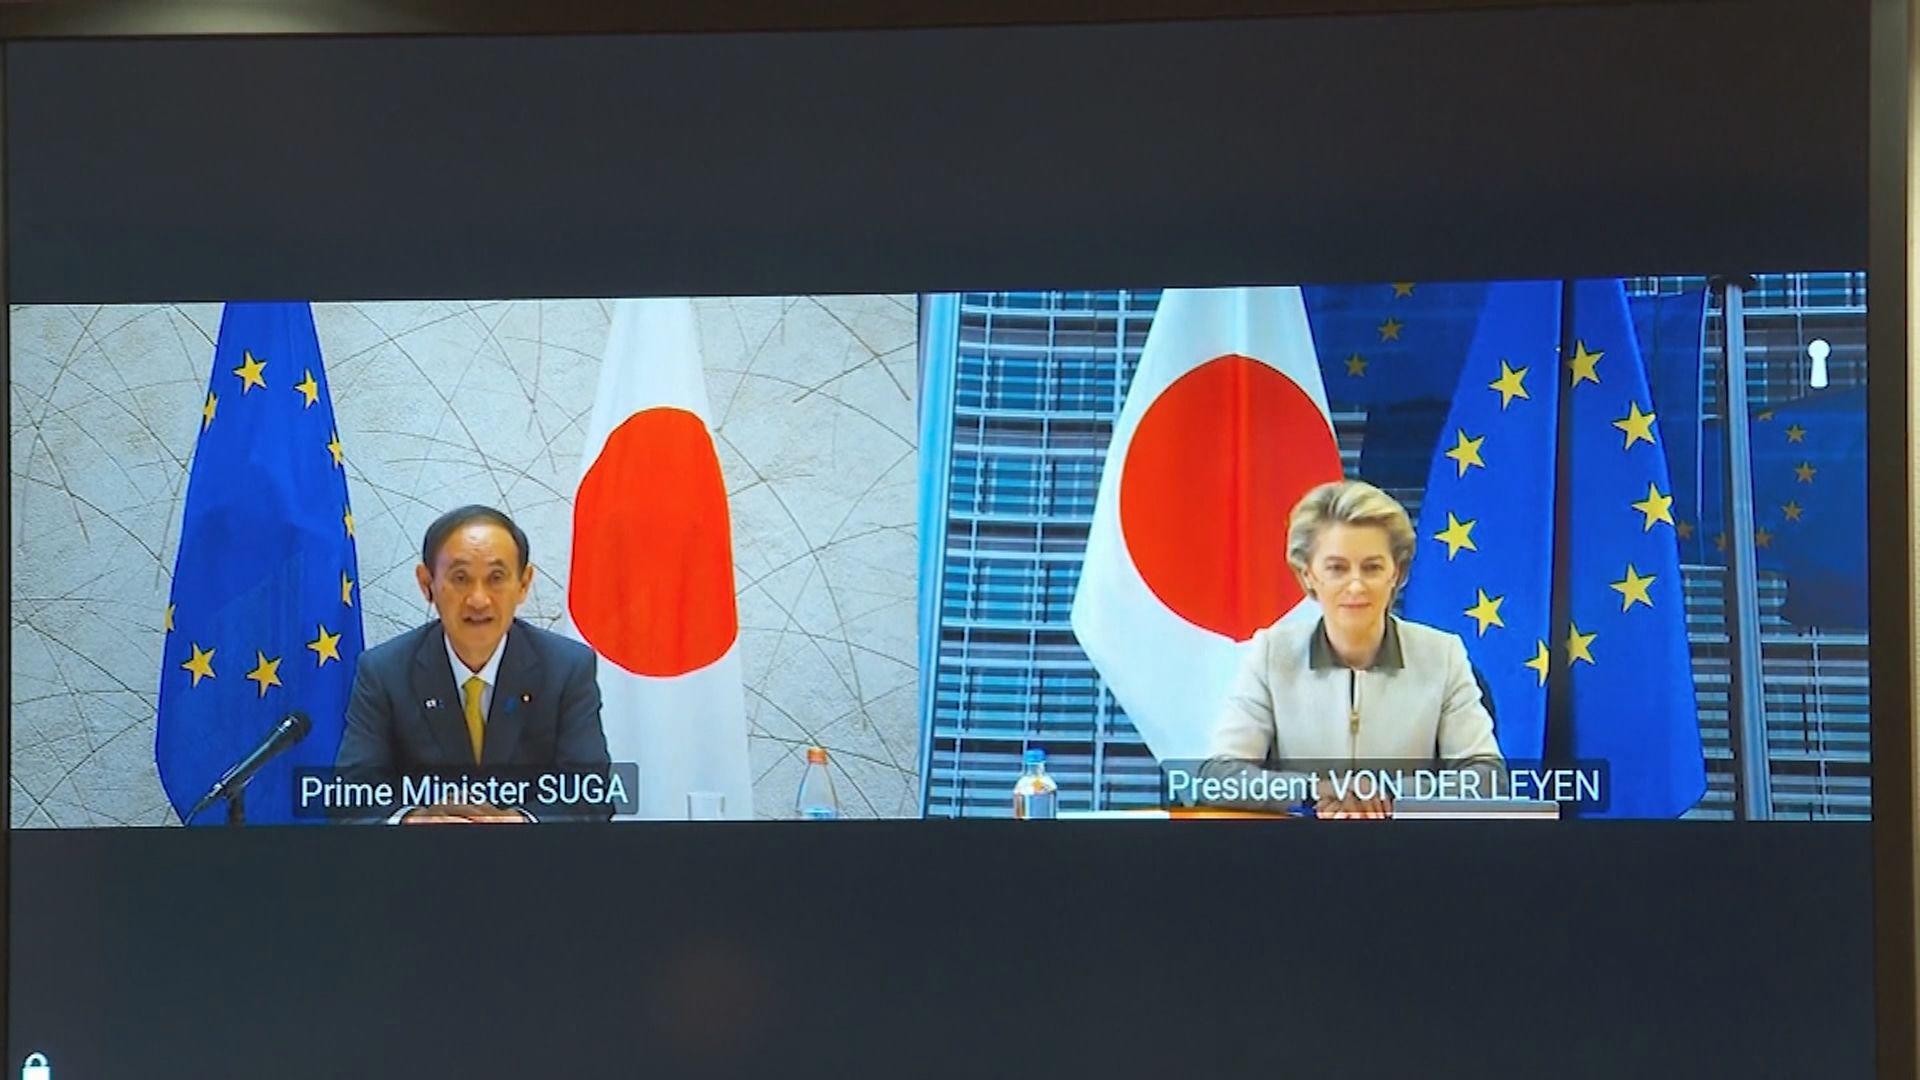 歐日支持維持台海和平穩定及支持舉辦東京奧運